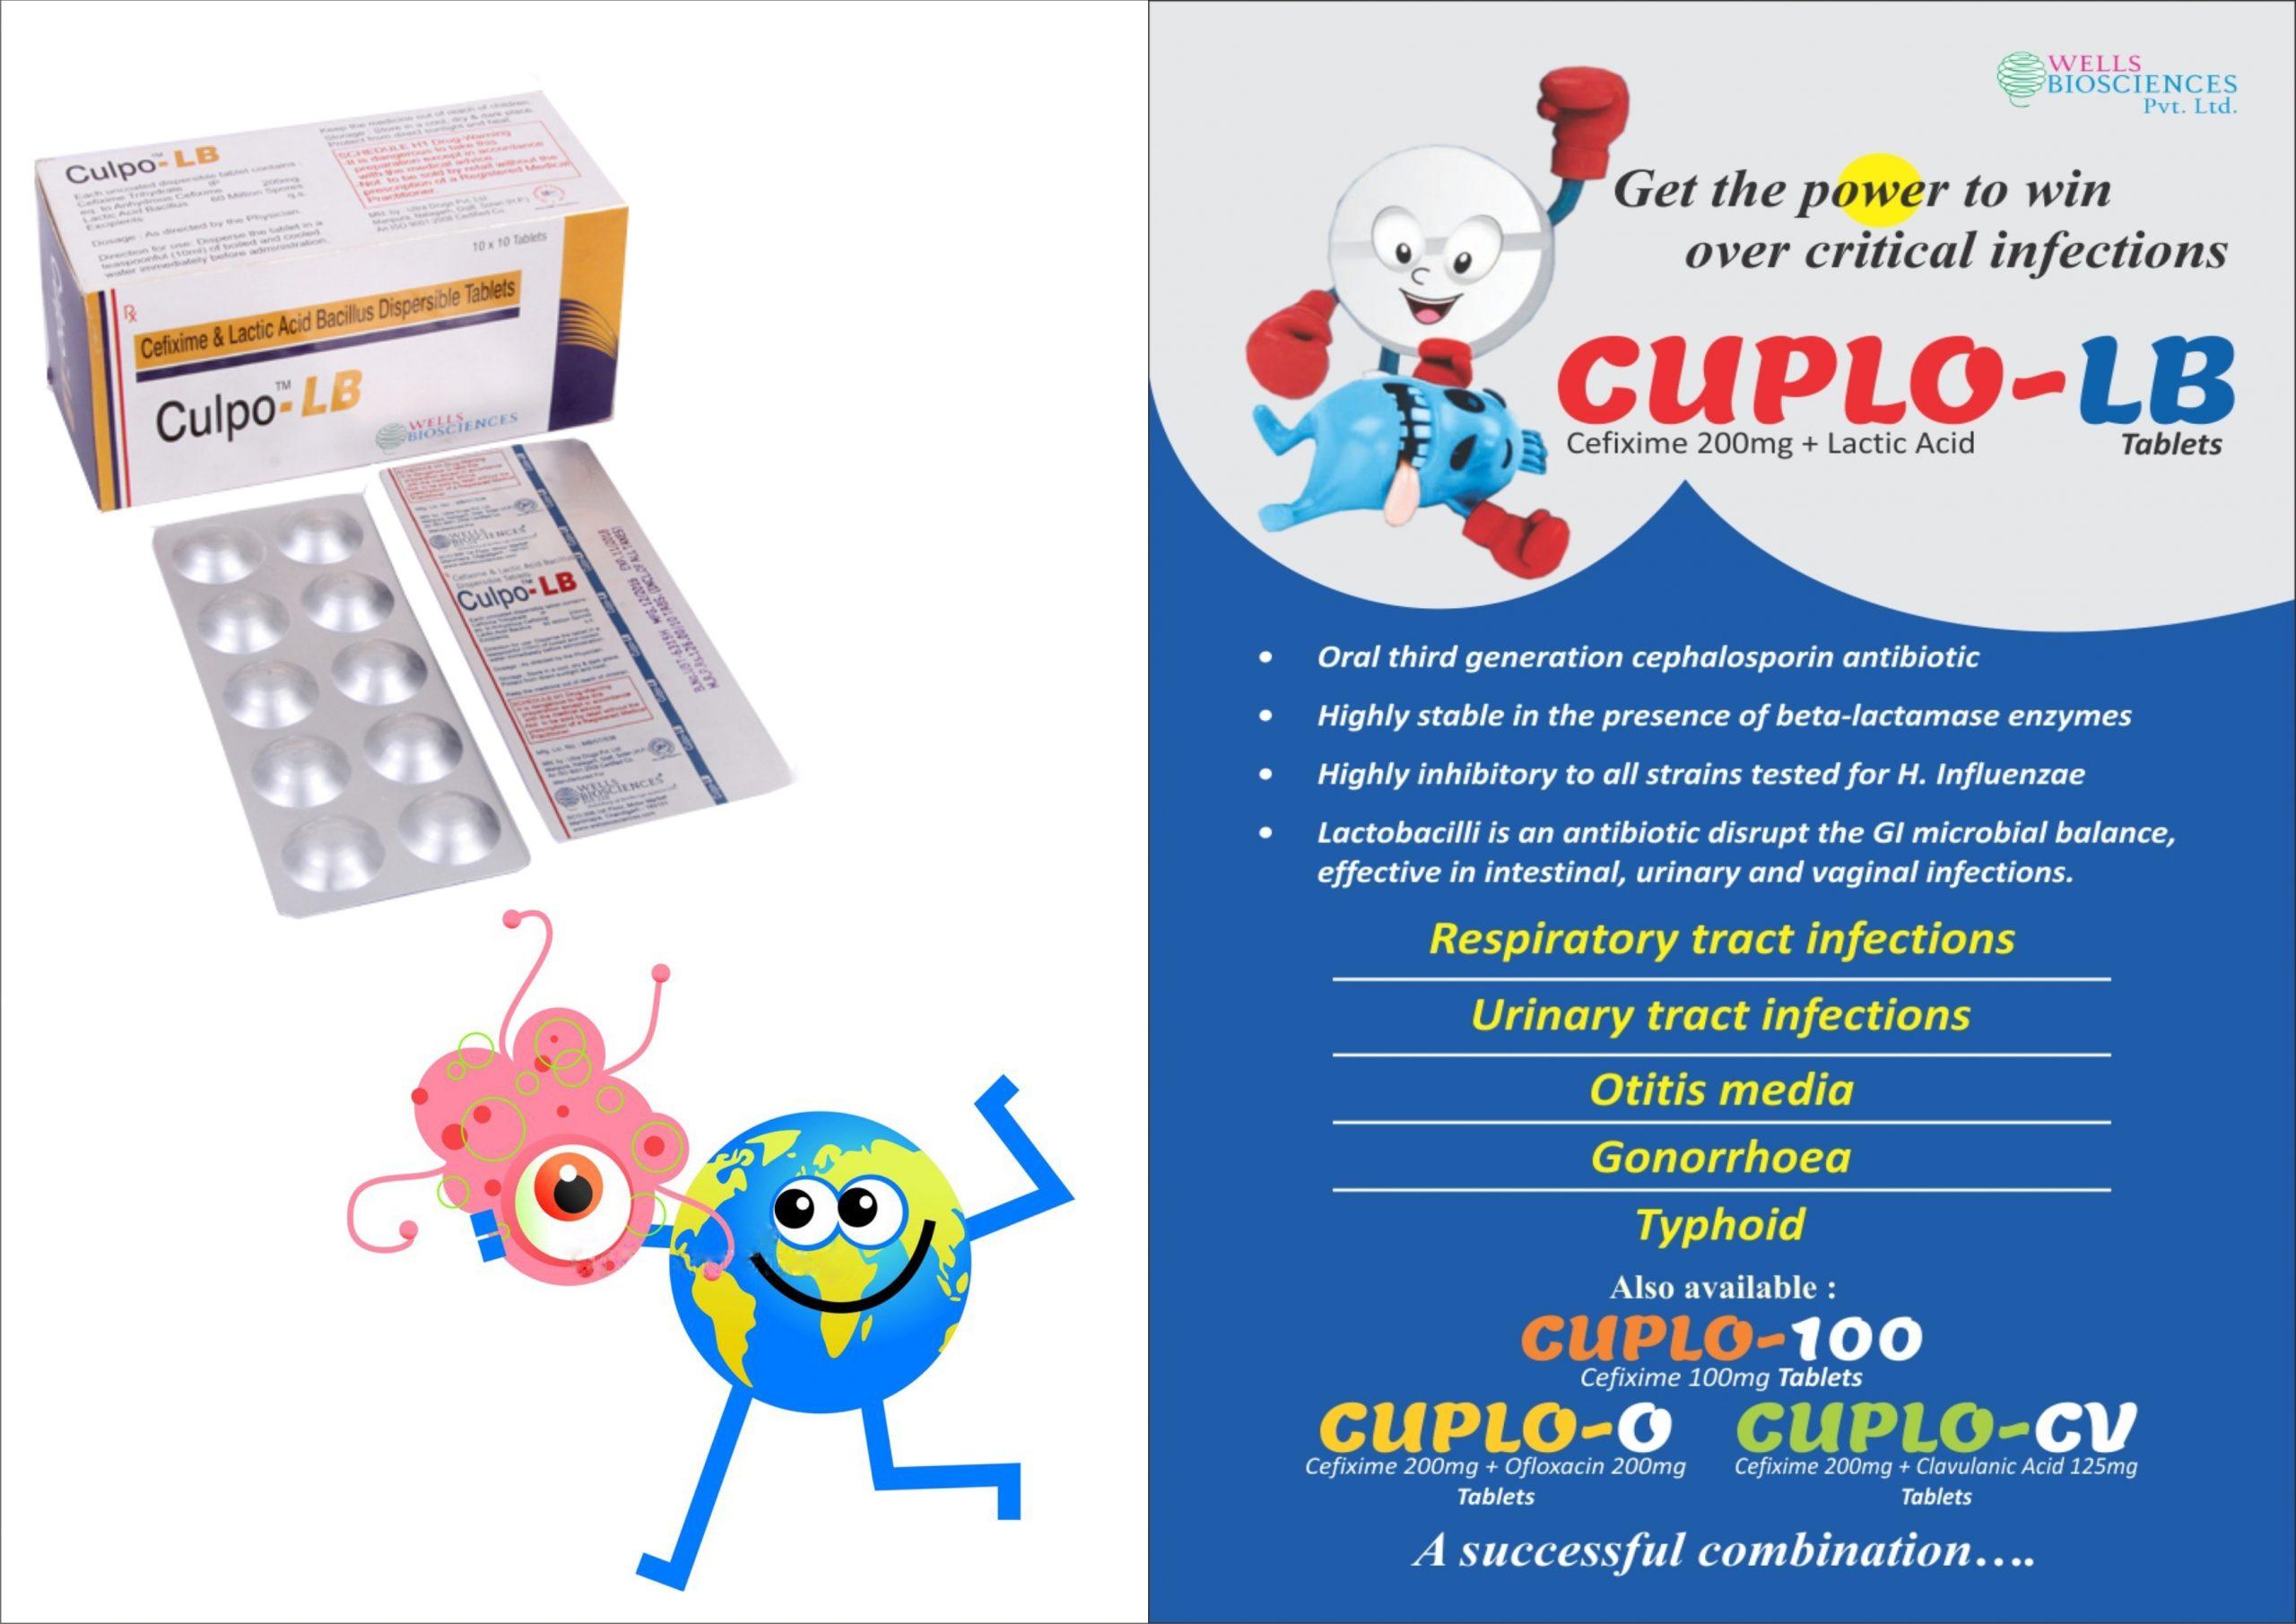 cuplo-LB